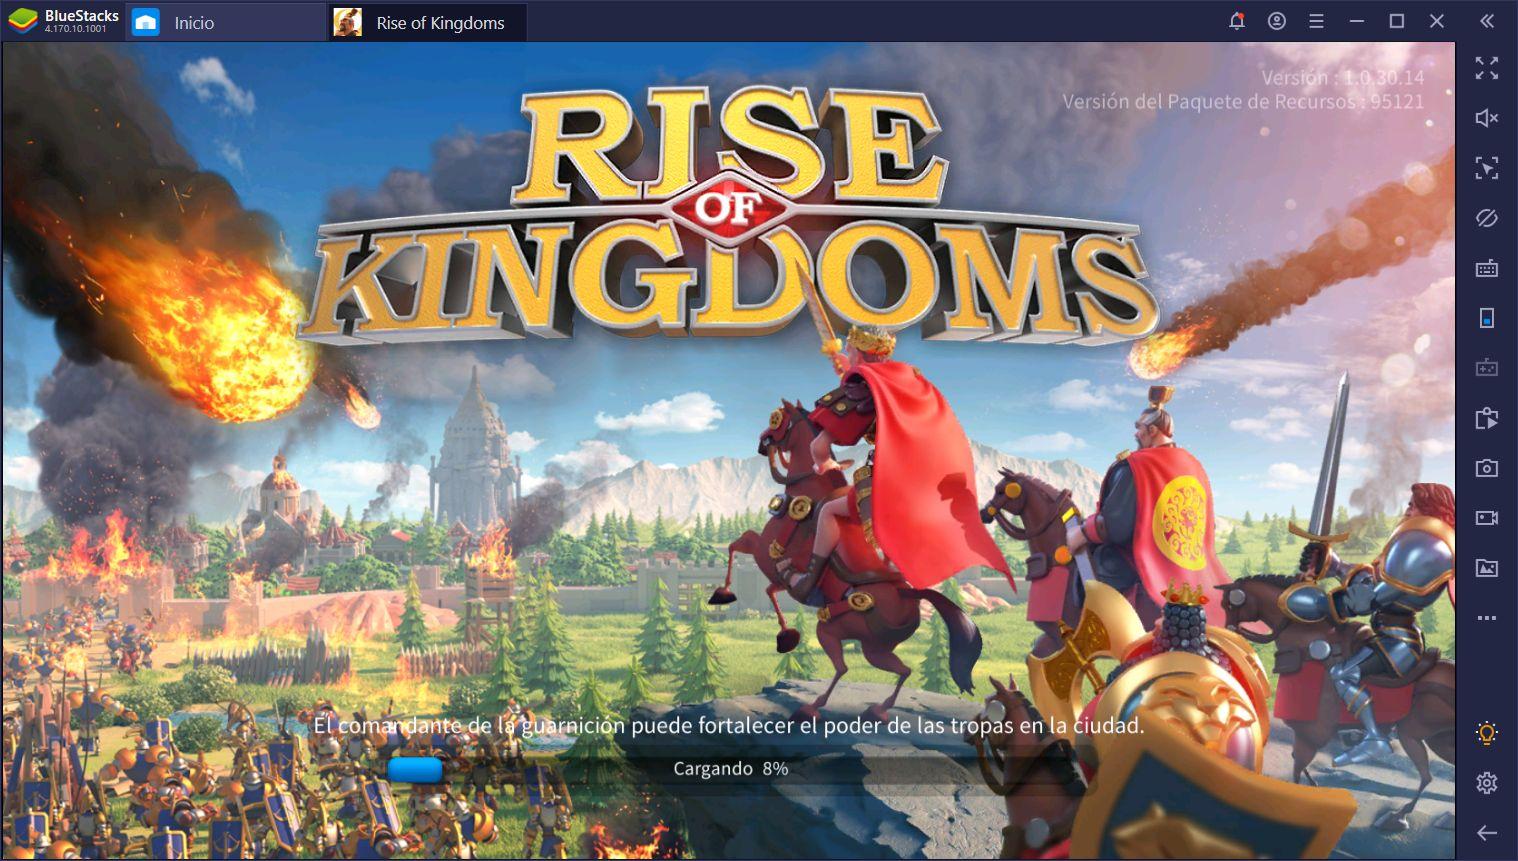 Actualización Dulce San Valentín de Rise of Kingdoms – Todo lo que Debes Saber Acerca del Nuevo Parche